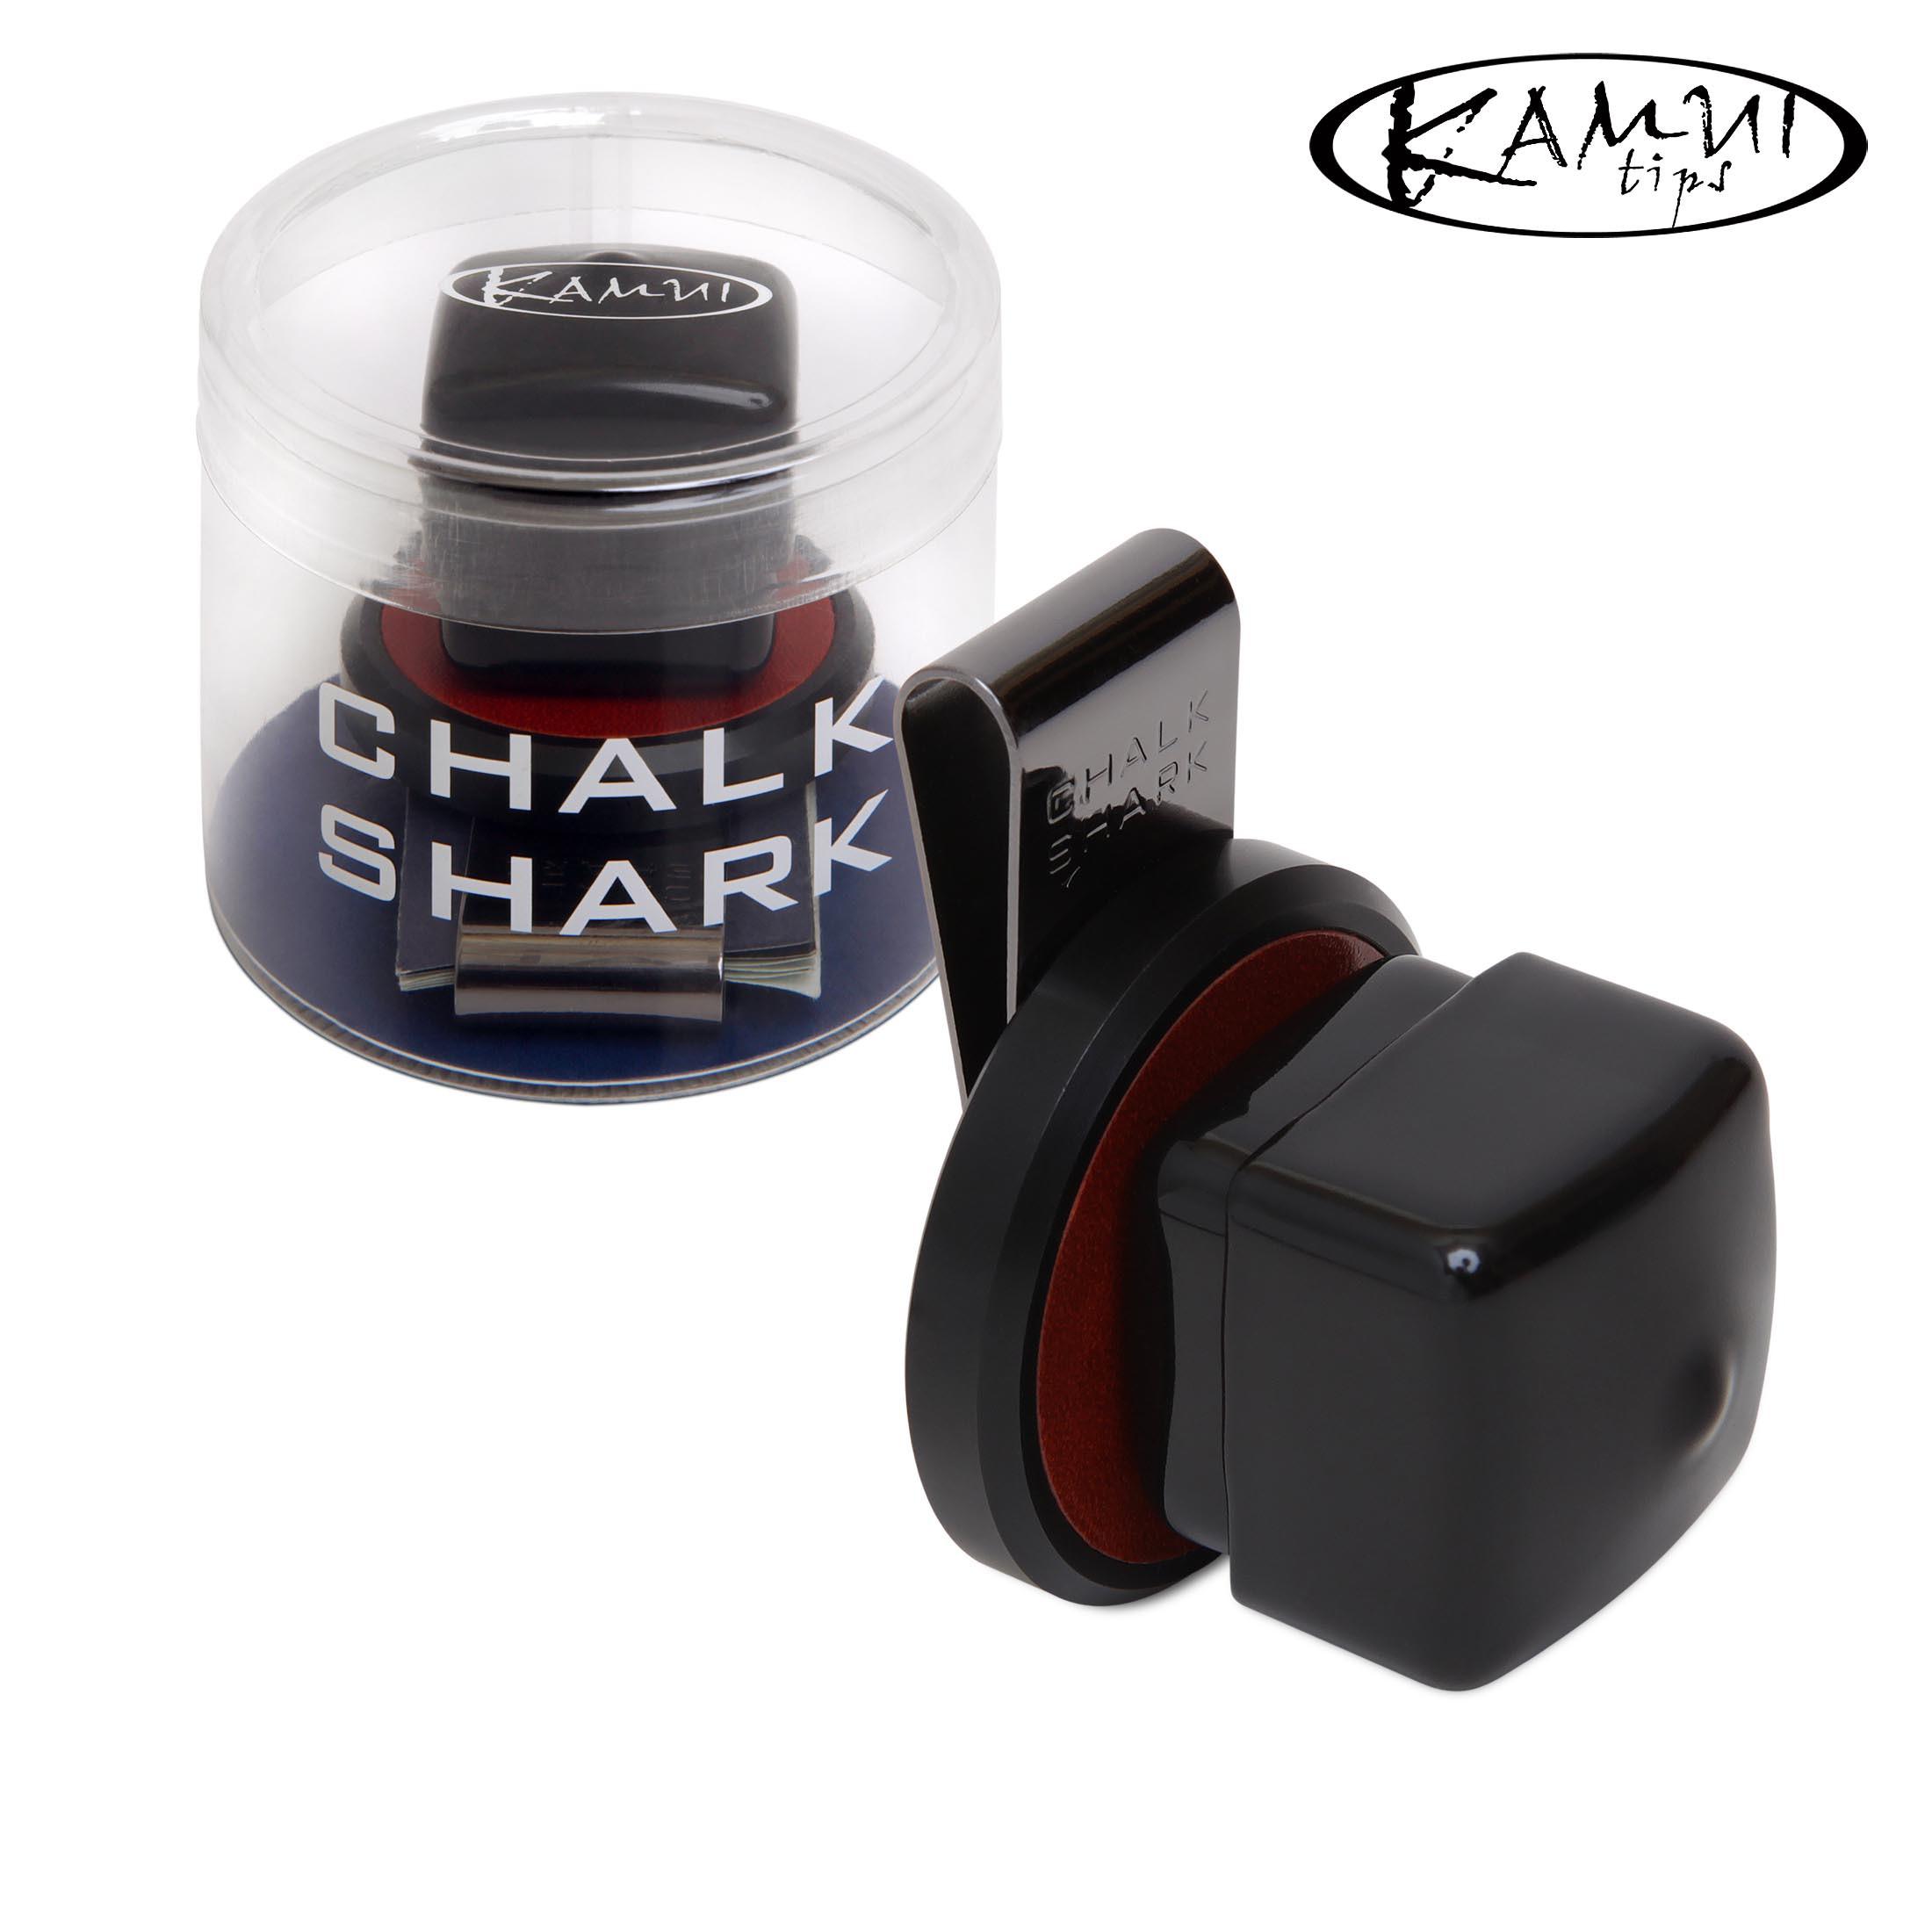 Держатель для мела Kamui Chalk Shark коричневый